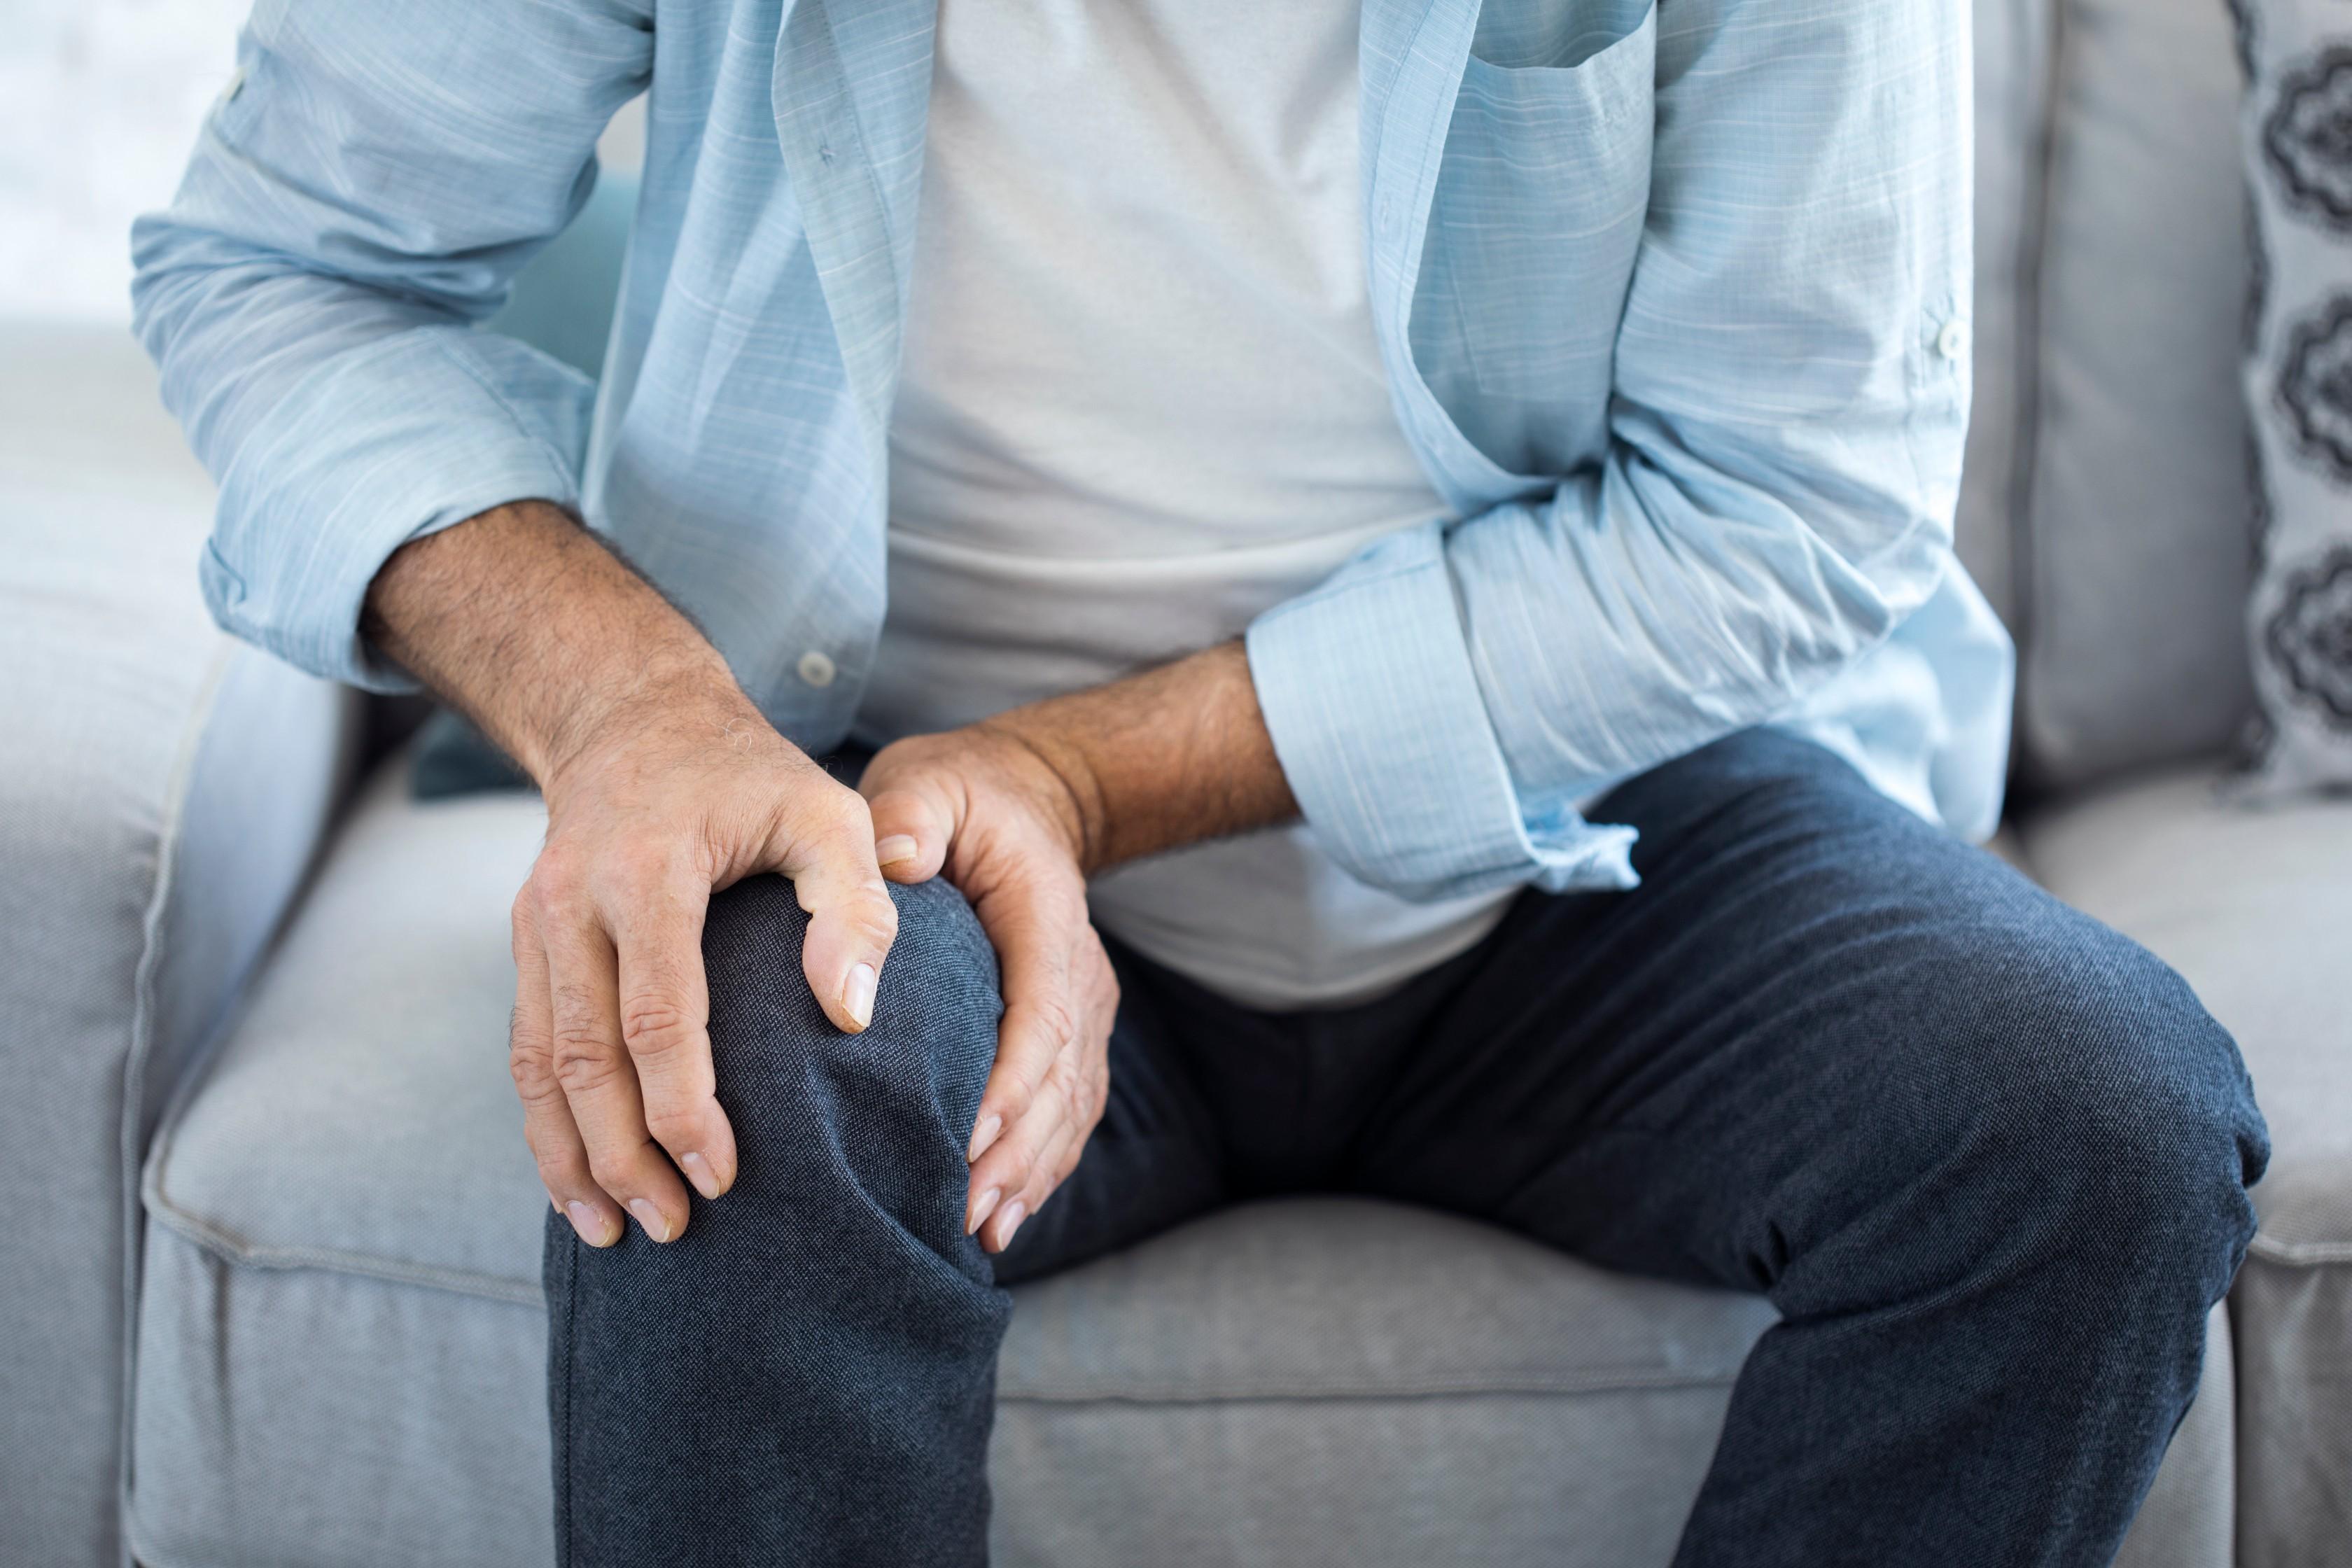 ujjgyulladás kezdeti stádiuma váll fájdalom a könyök felé